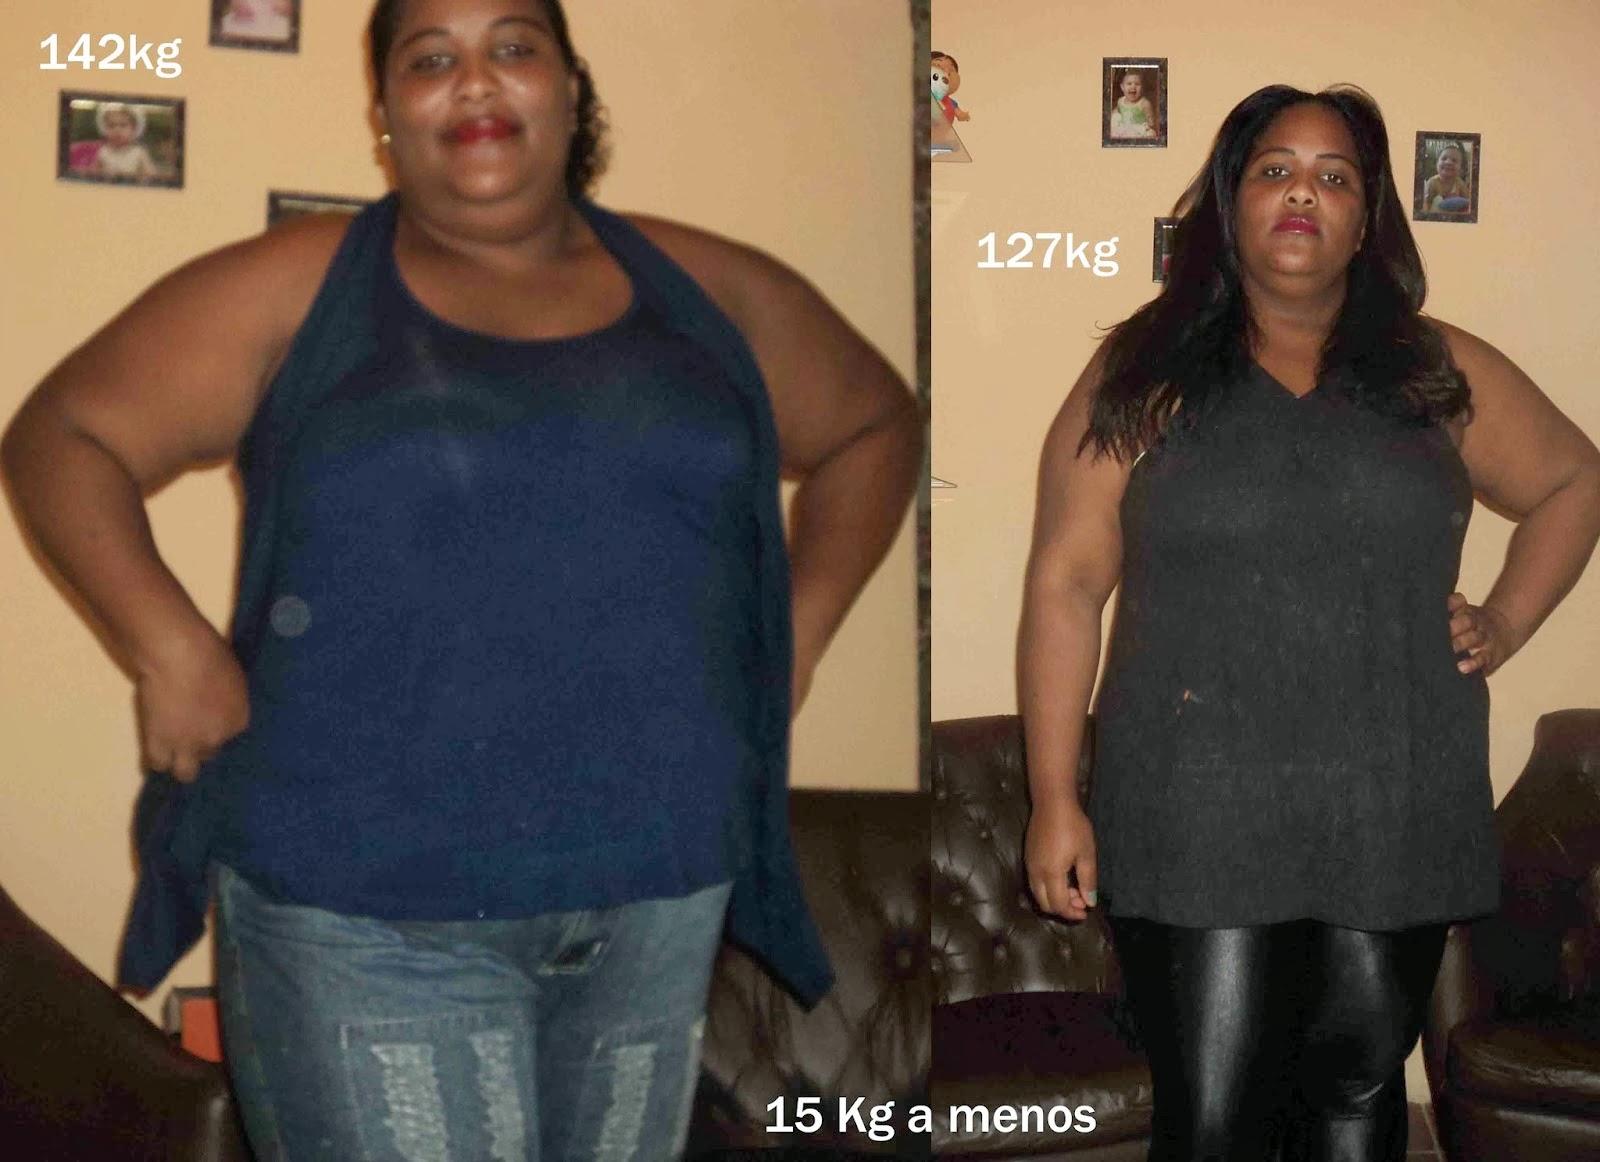 Menos 15kg